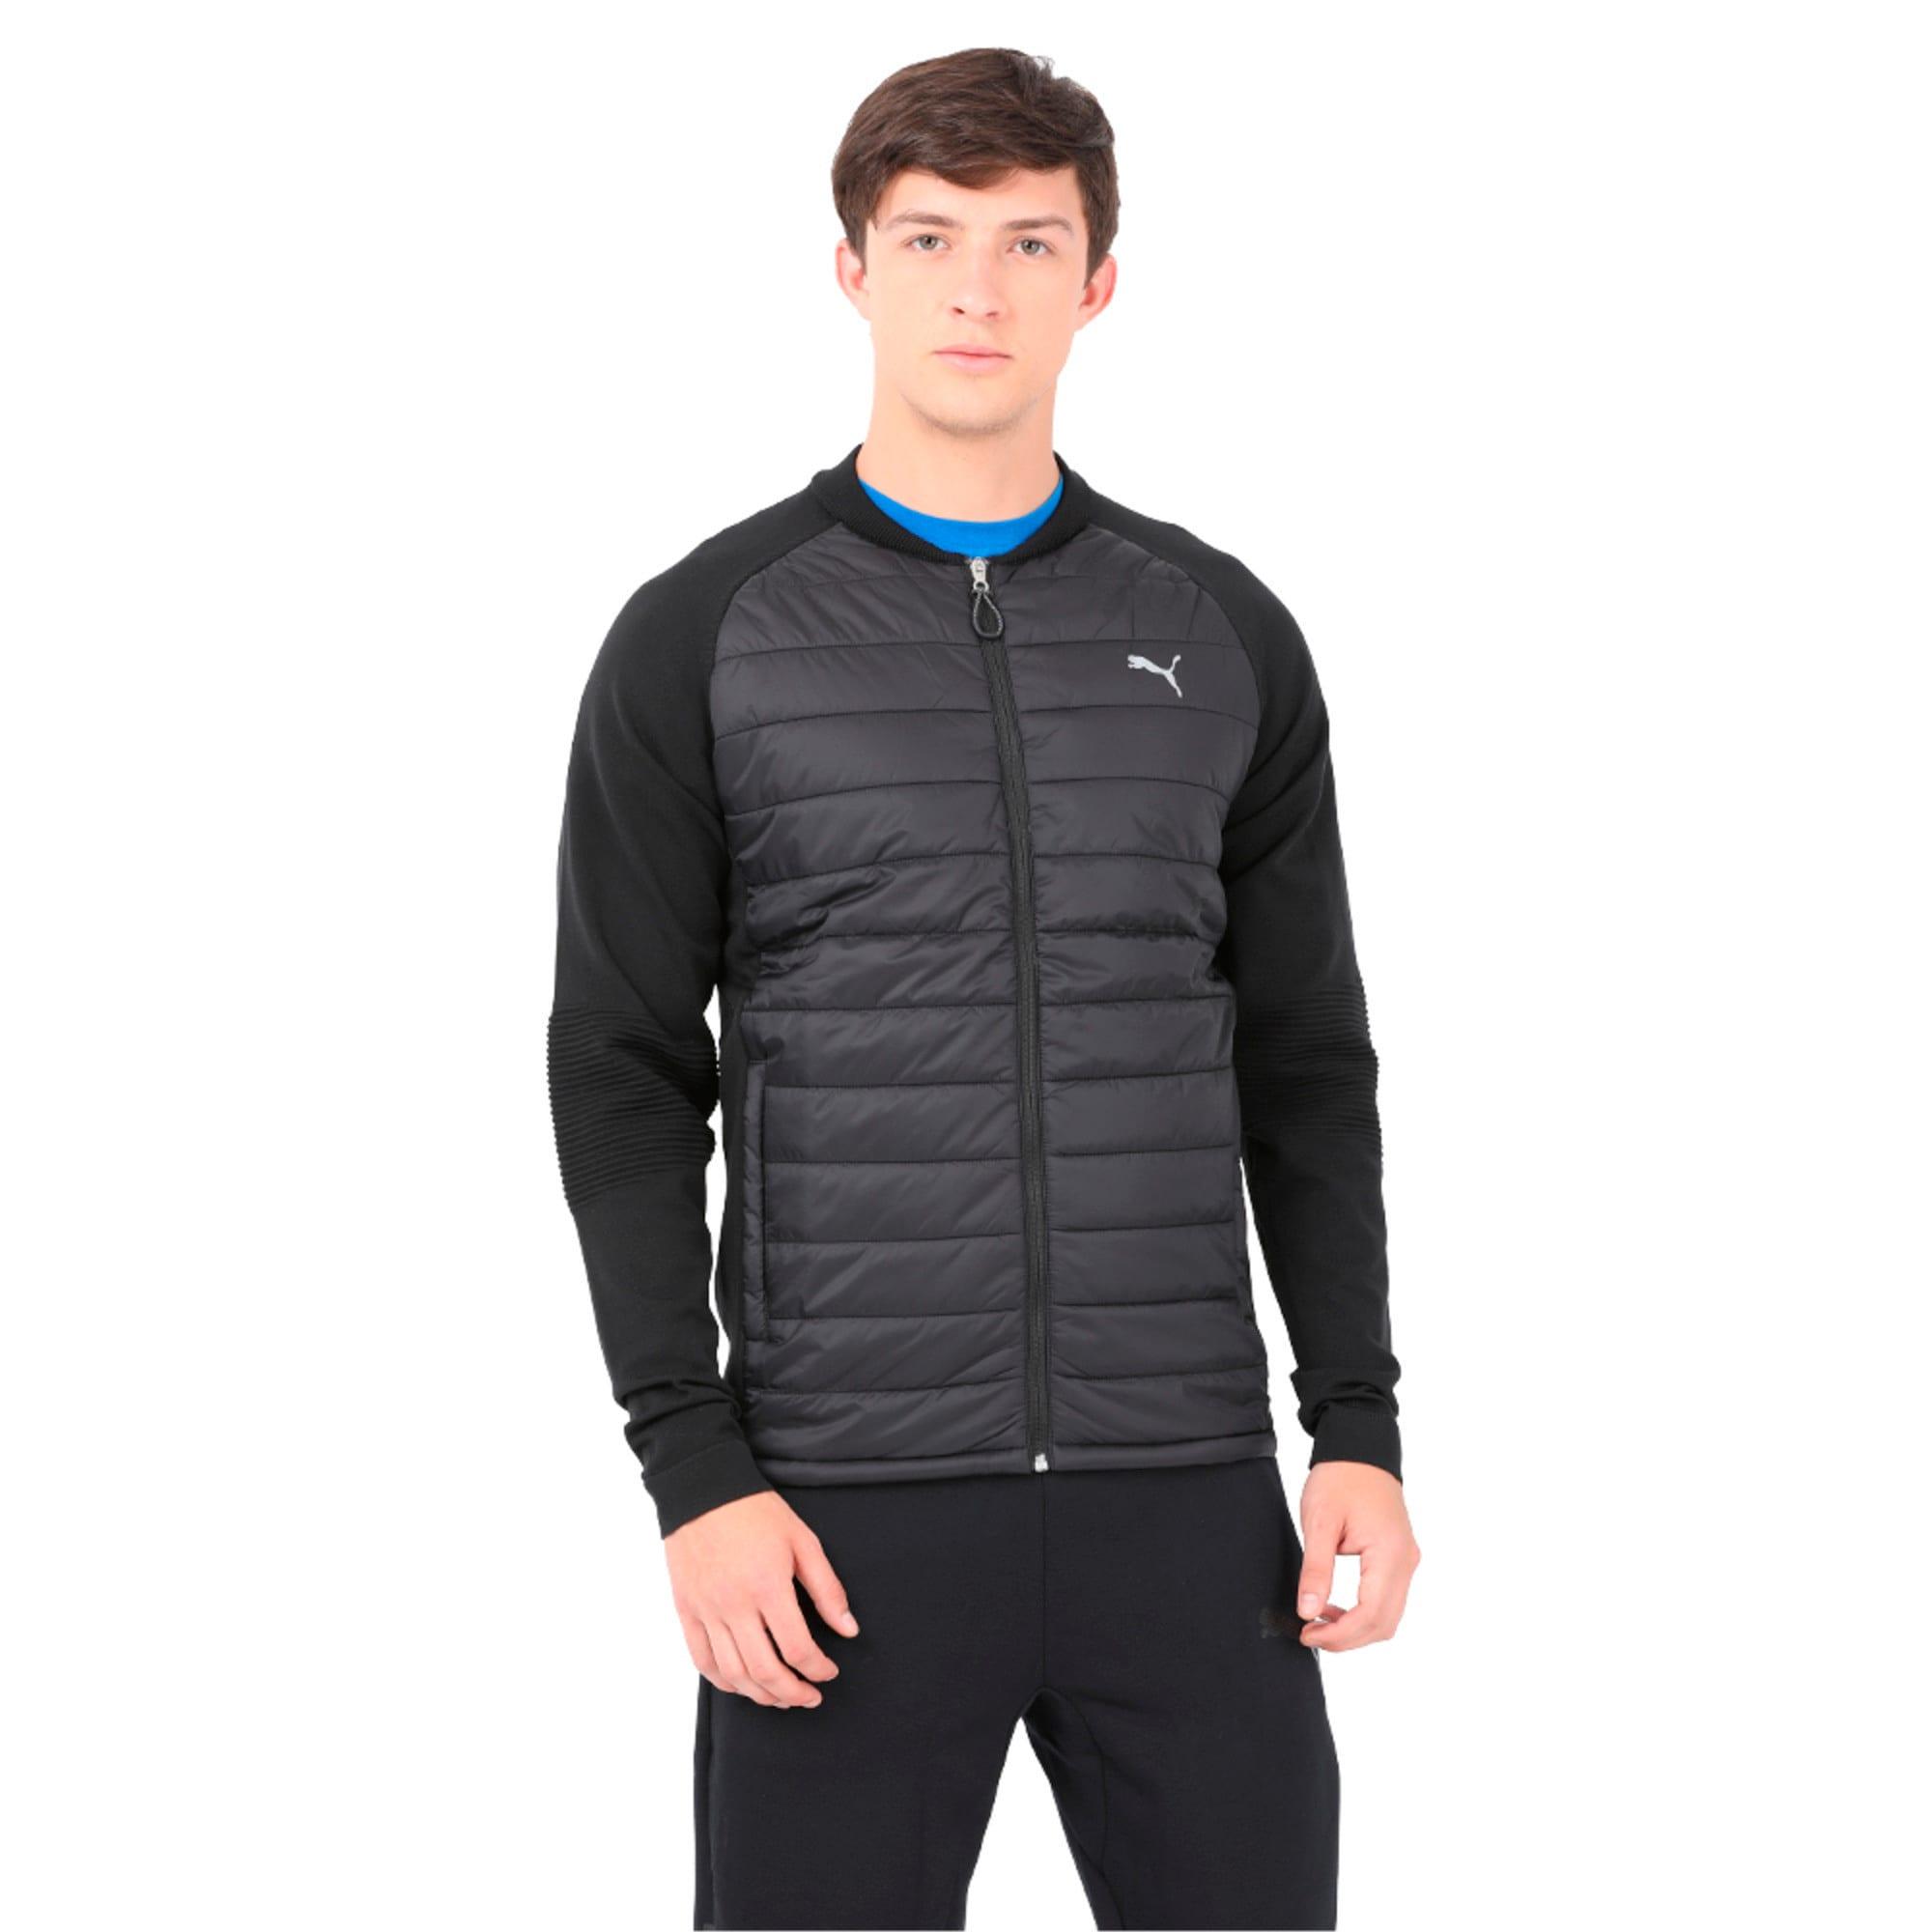 Thumbnail 1 of Running Men's evoKNIT Padded Jacket, Puma Black, medium-IND